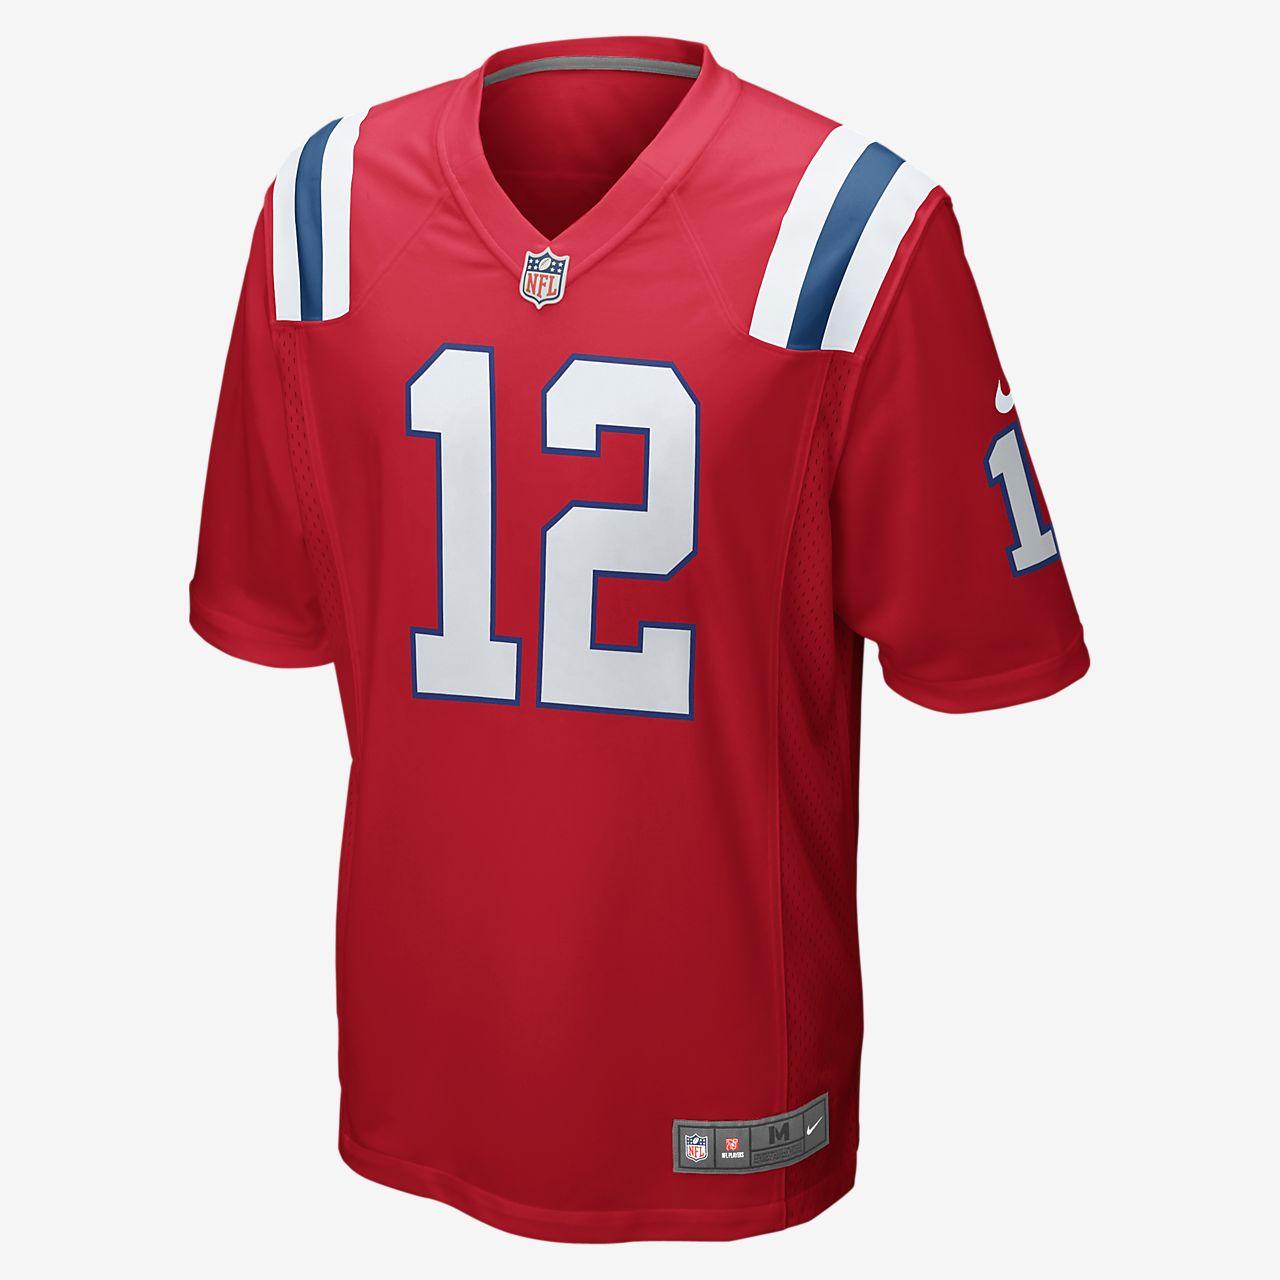 6b75f3462 ... Camiseta oficial de fútbol americano alternativa para hombre de NFL New  England Patriots (Tom Brady